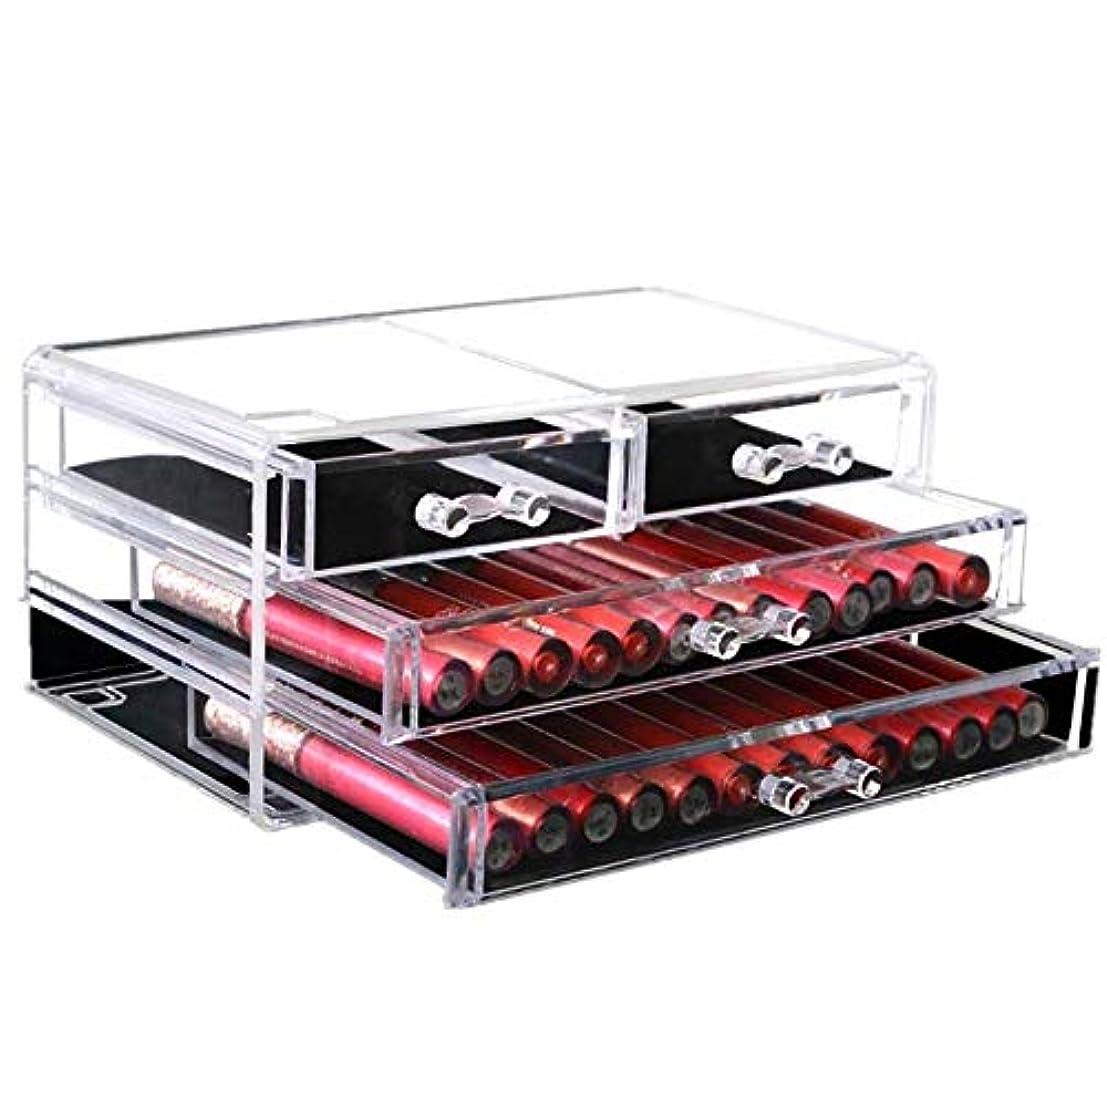 整理簡単 引出しの構造の宝石類のディスプレイ?ボックスが付いている簡単で明確なアクリルの化粧品のオルガナイザー (Color : Clear, Size : 24*13.5*11CM)